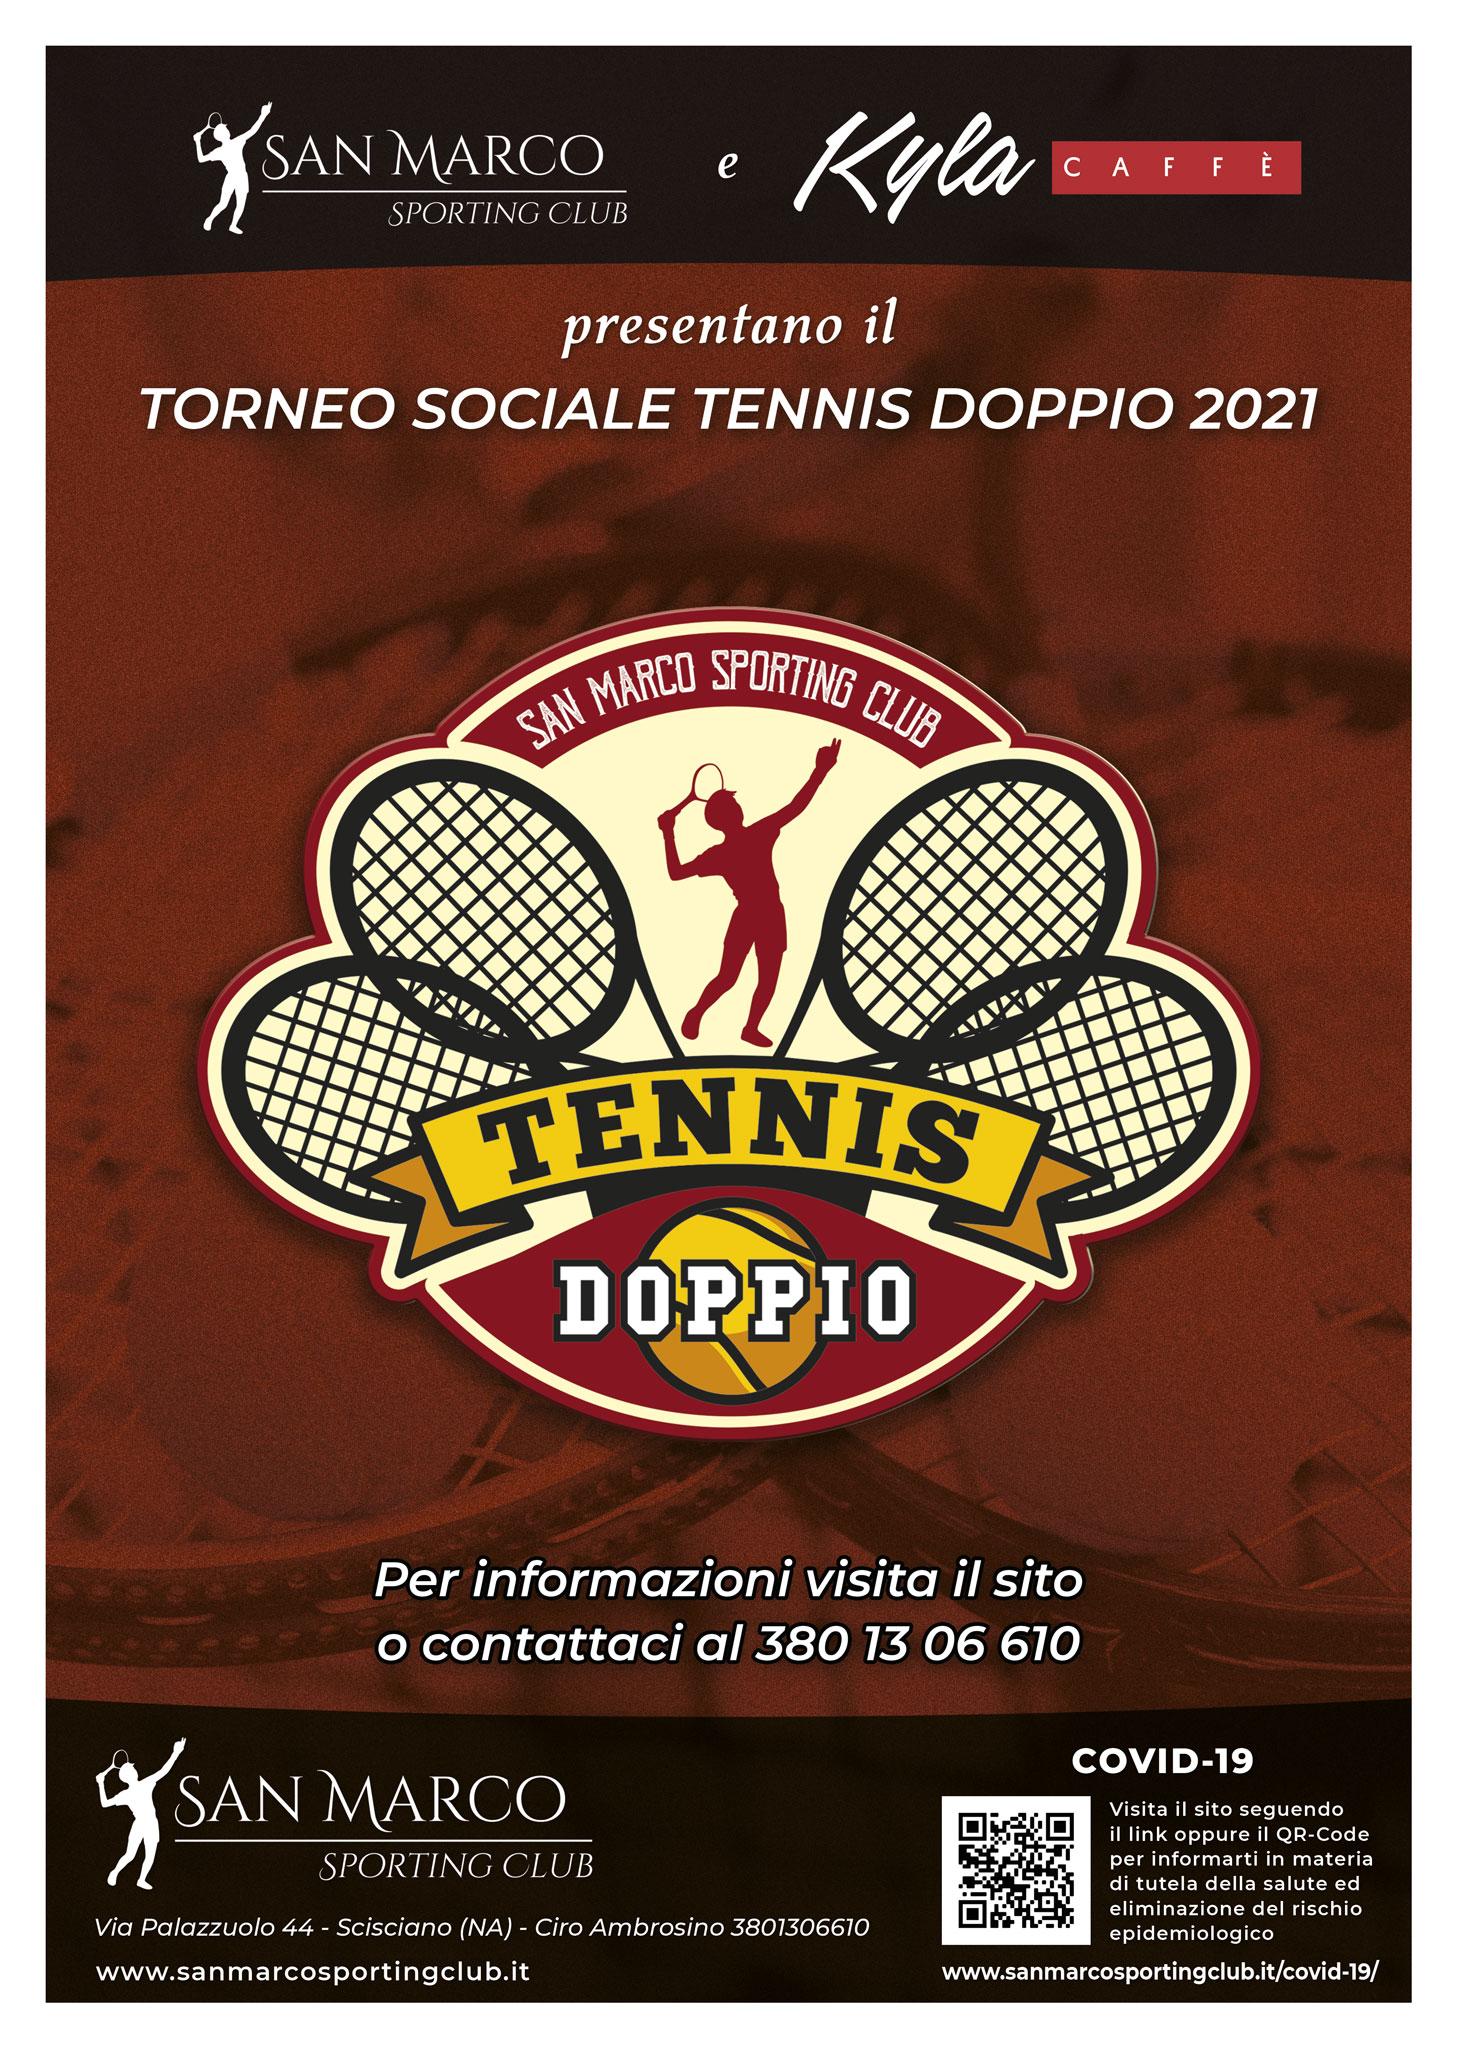 2020-09_TorneoDoppio_2021